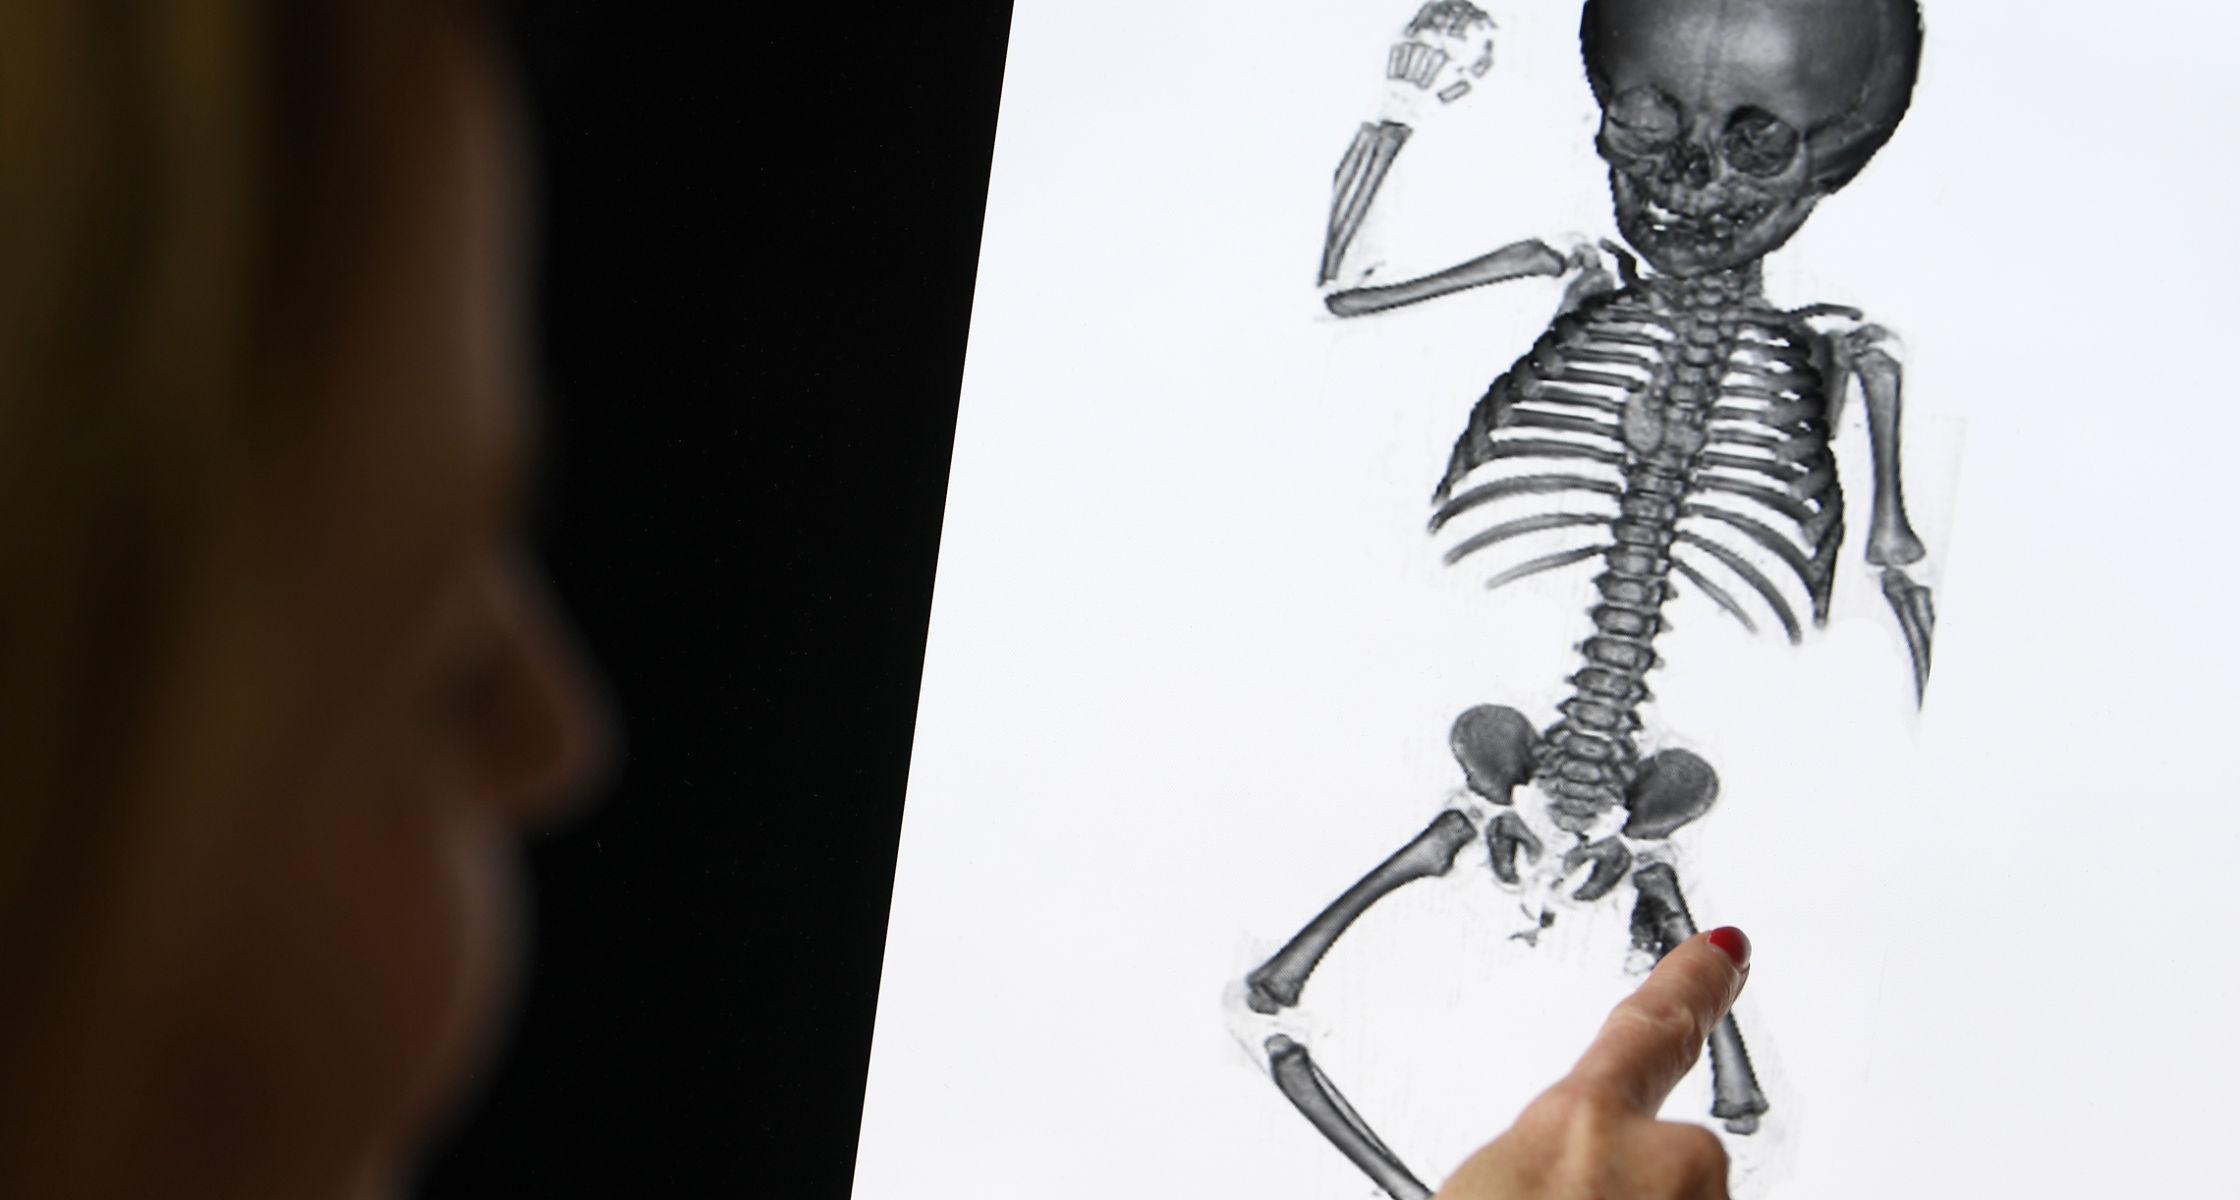 Letzte Ruhe für vergessene Kinder aus Anatomie der Universität Halle